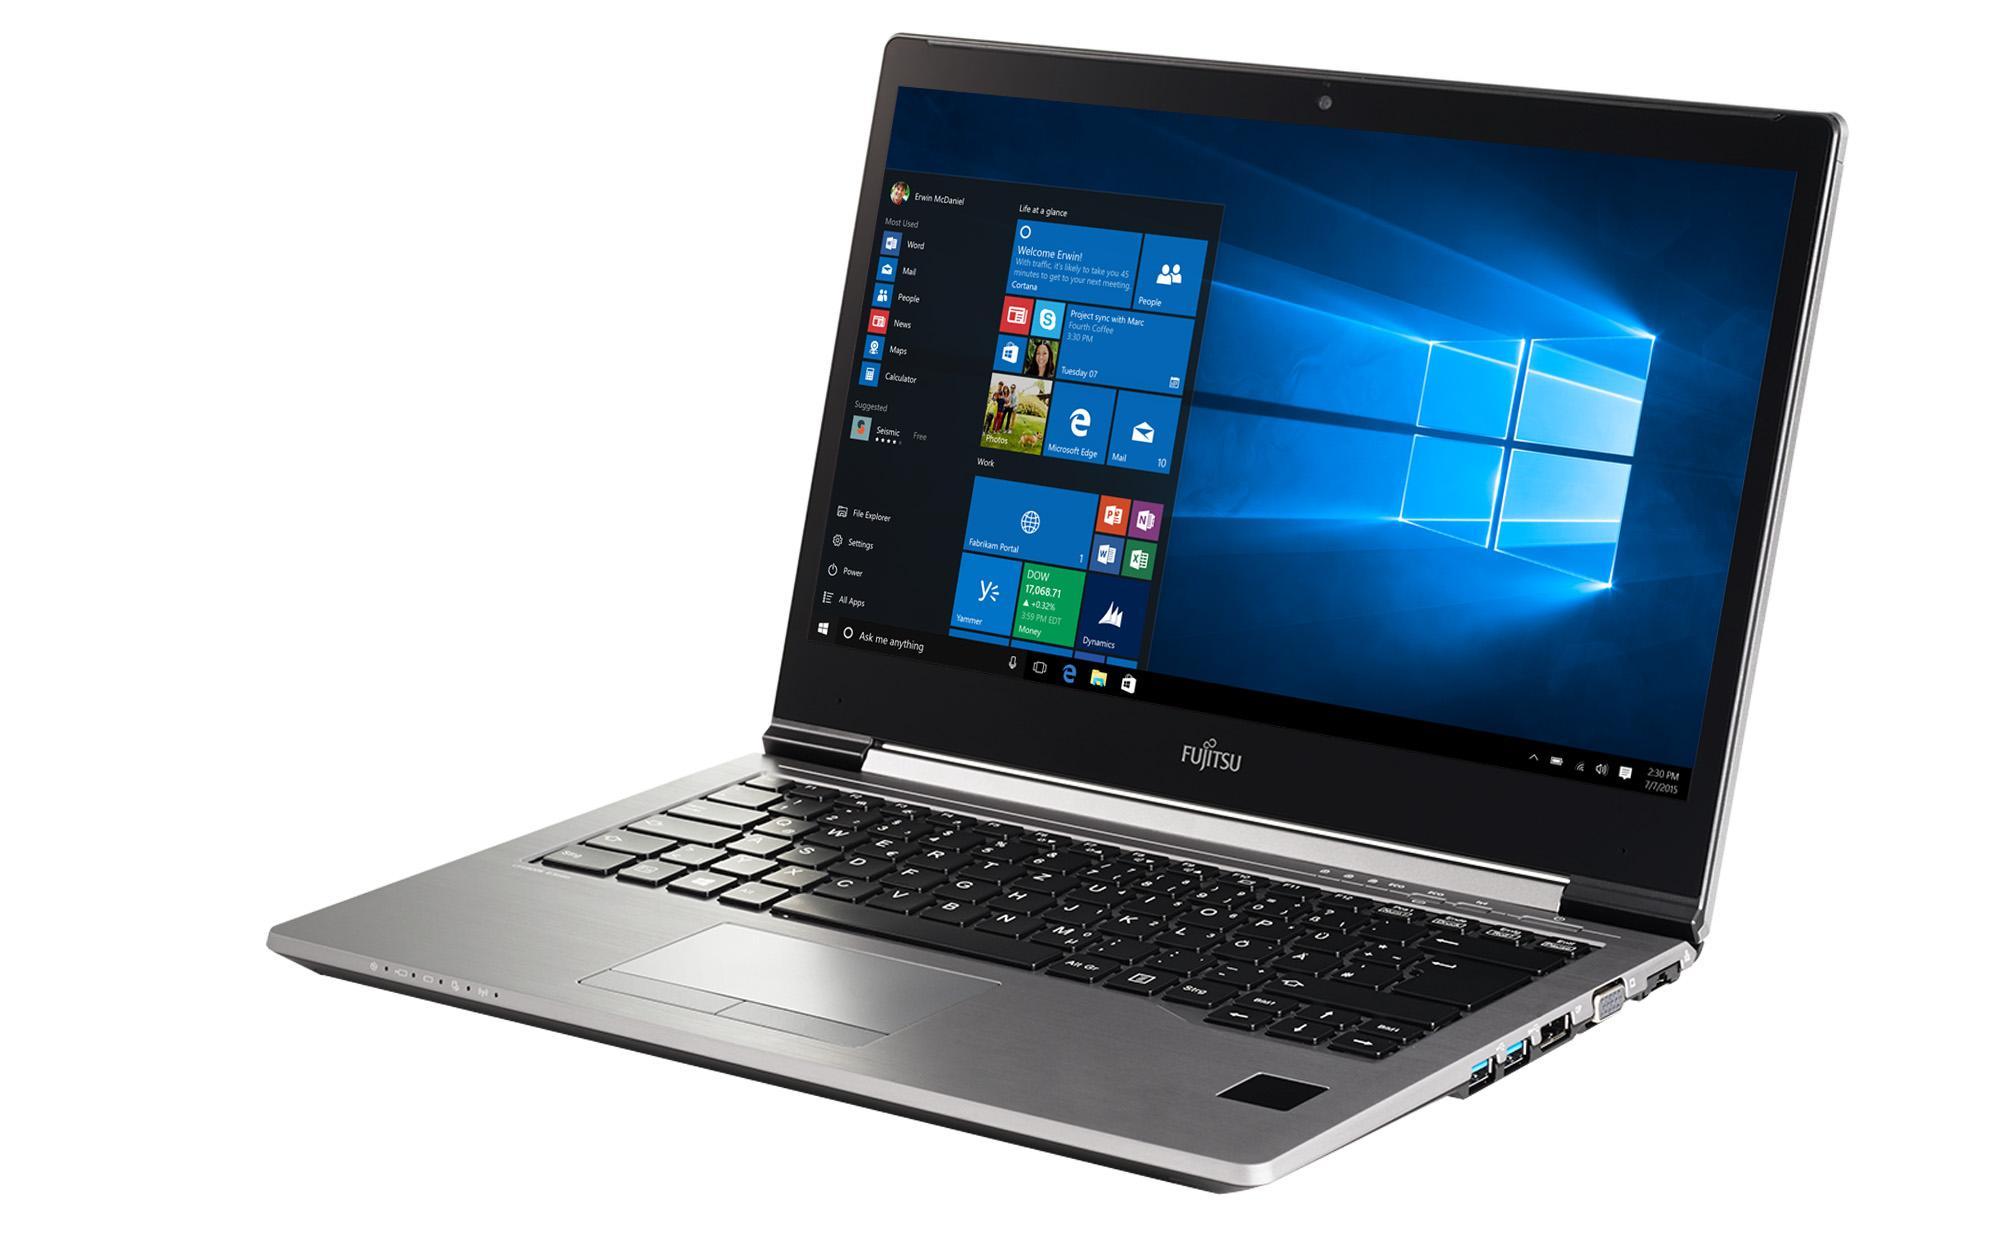 """Лаптоп FUJITSU LIFEBOOK U745, Intel Core i5-5300U (3MB 2.3GHz), 14.1"""", 4GB, 500GB SSHD, без ОС, Intel HD Graphics 5500, Сребрист"""